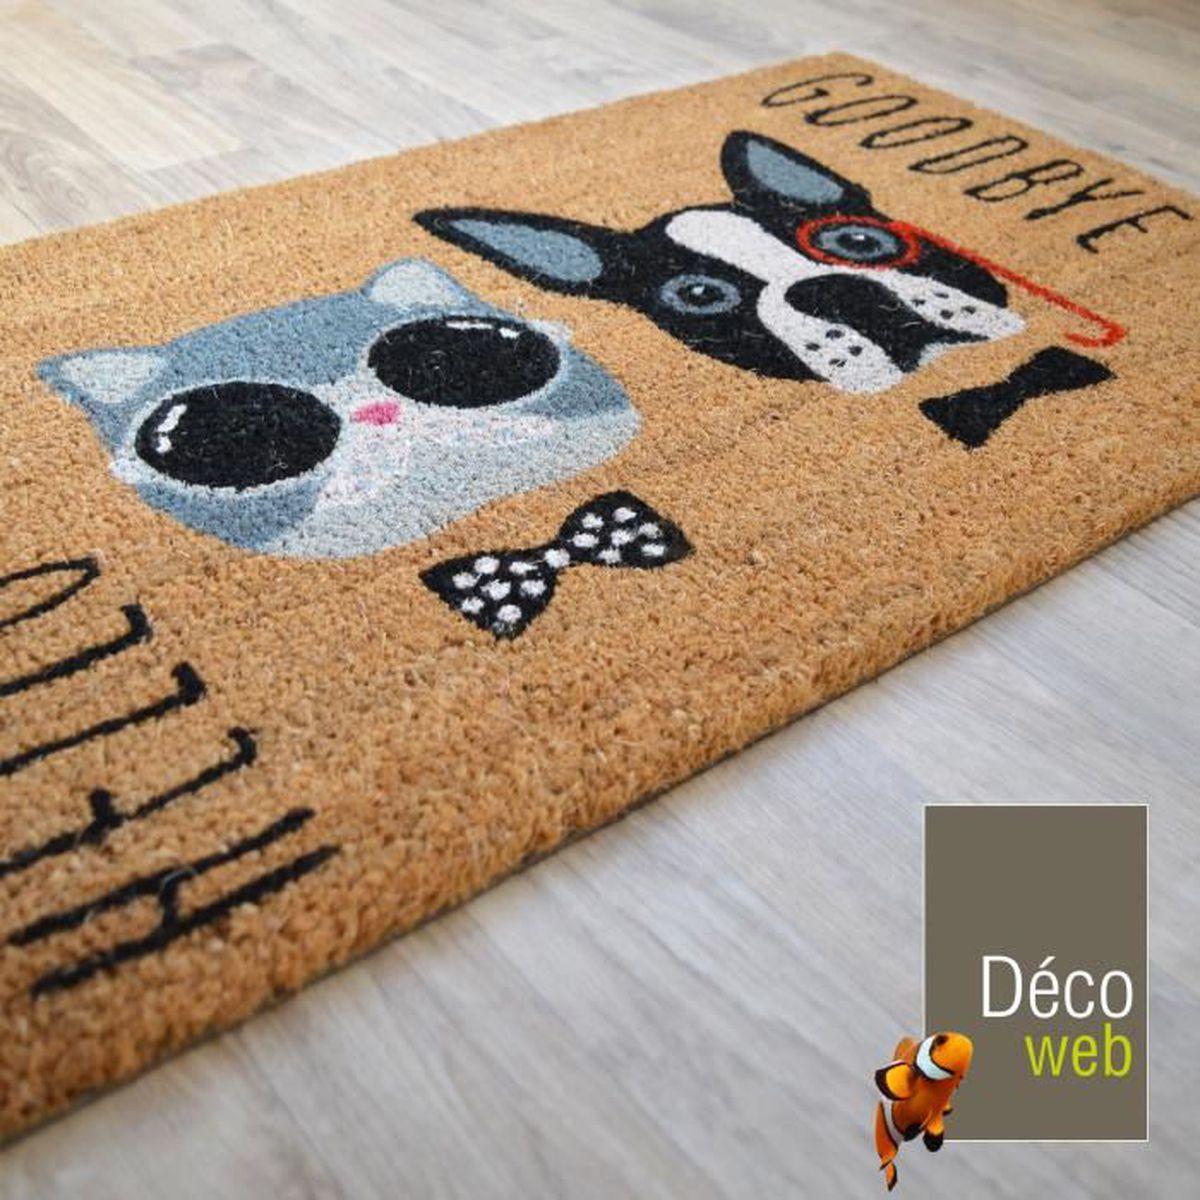 tapis exterieur coco achat vente tapis exterieur coco. Black Bedroom Furniture Sets. Home Design Ideas